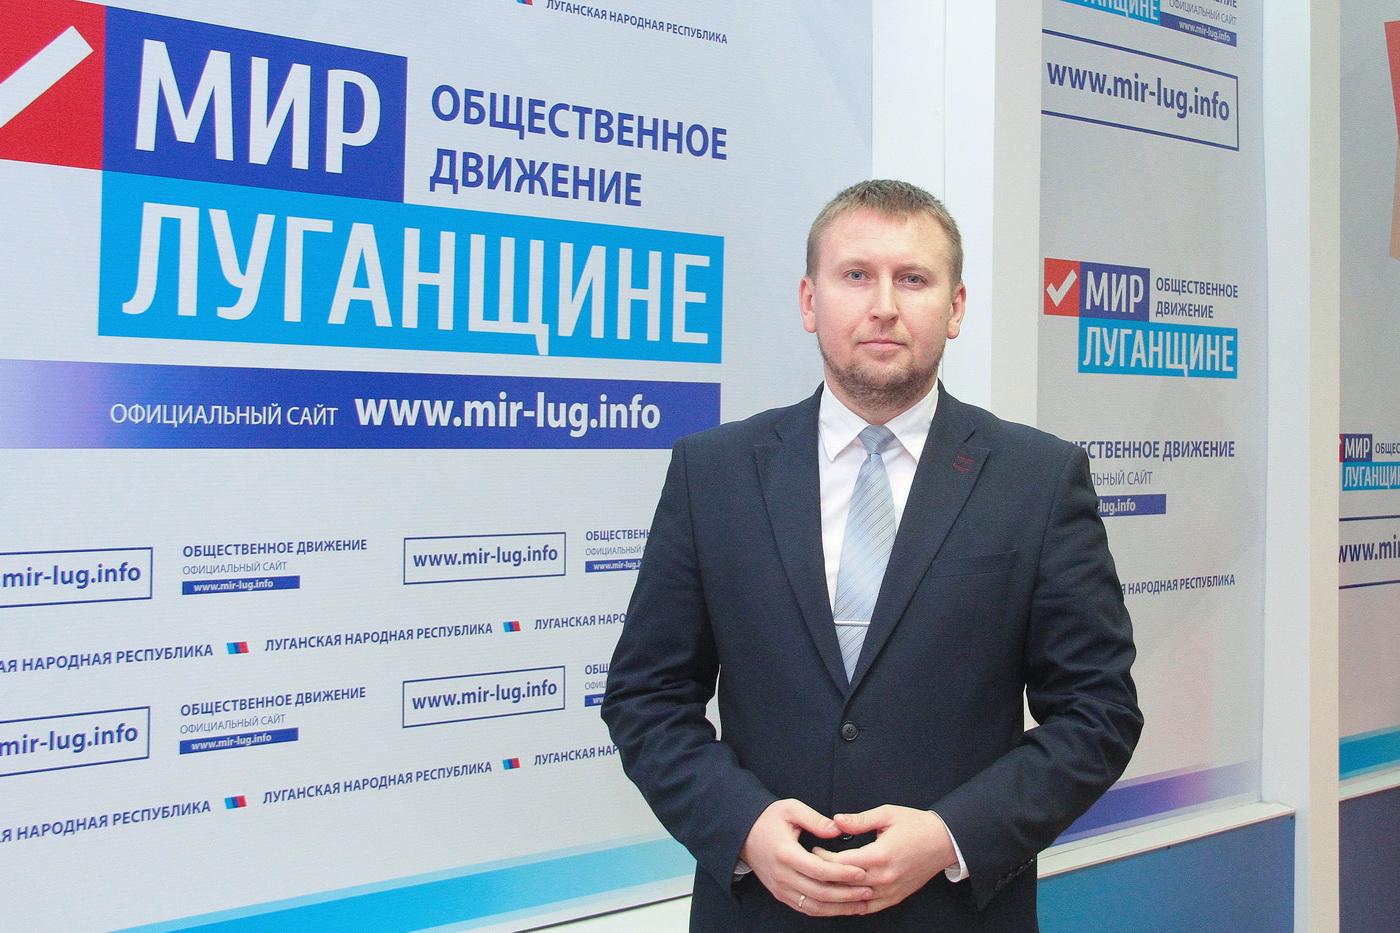 Денис Мирошниченко: Для жителей ЛНР в 2014 году помощь из России была спасением, синонимом к слову «жизнь» 1